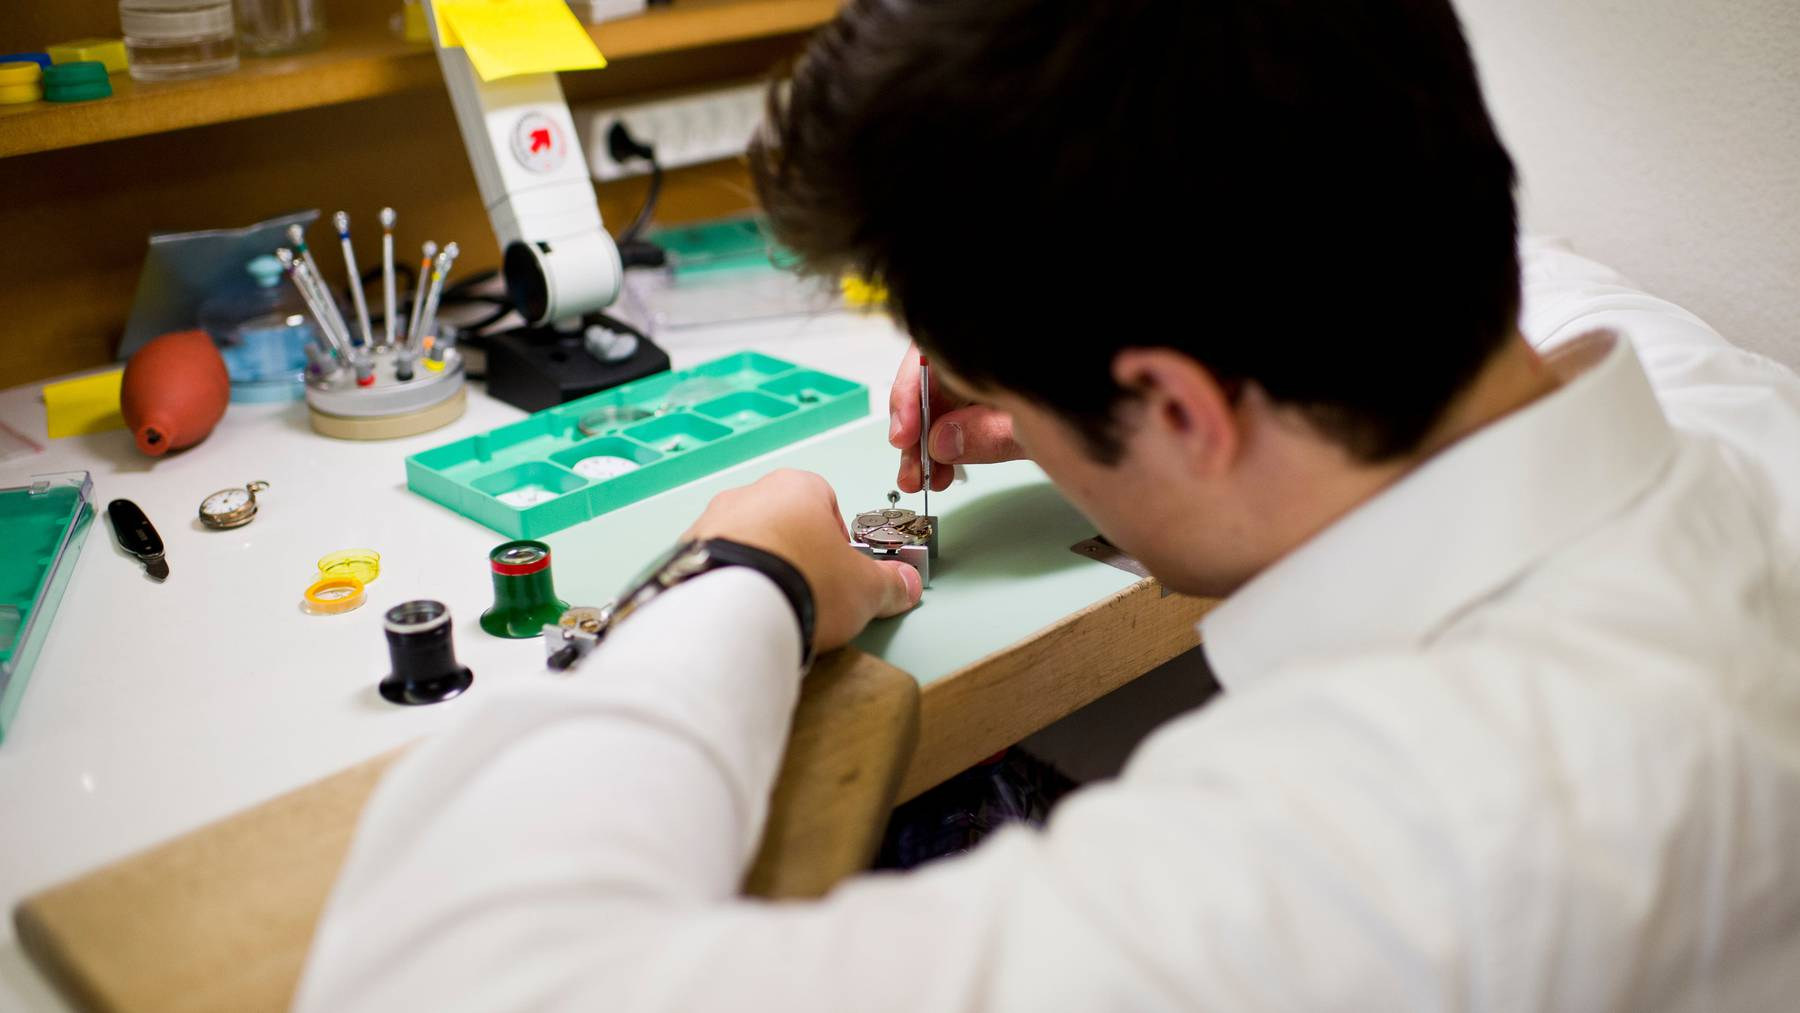 Viele Lehrstellen sind durch die Coronakrise gefährdet. Im Bild ein angehender Uhrmacher.